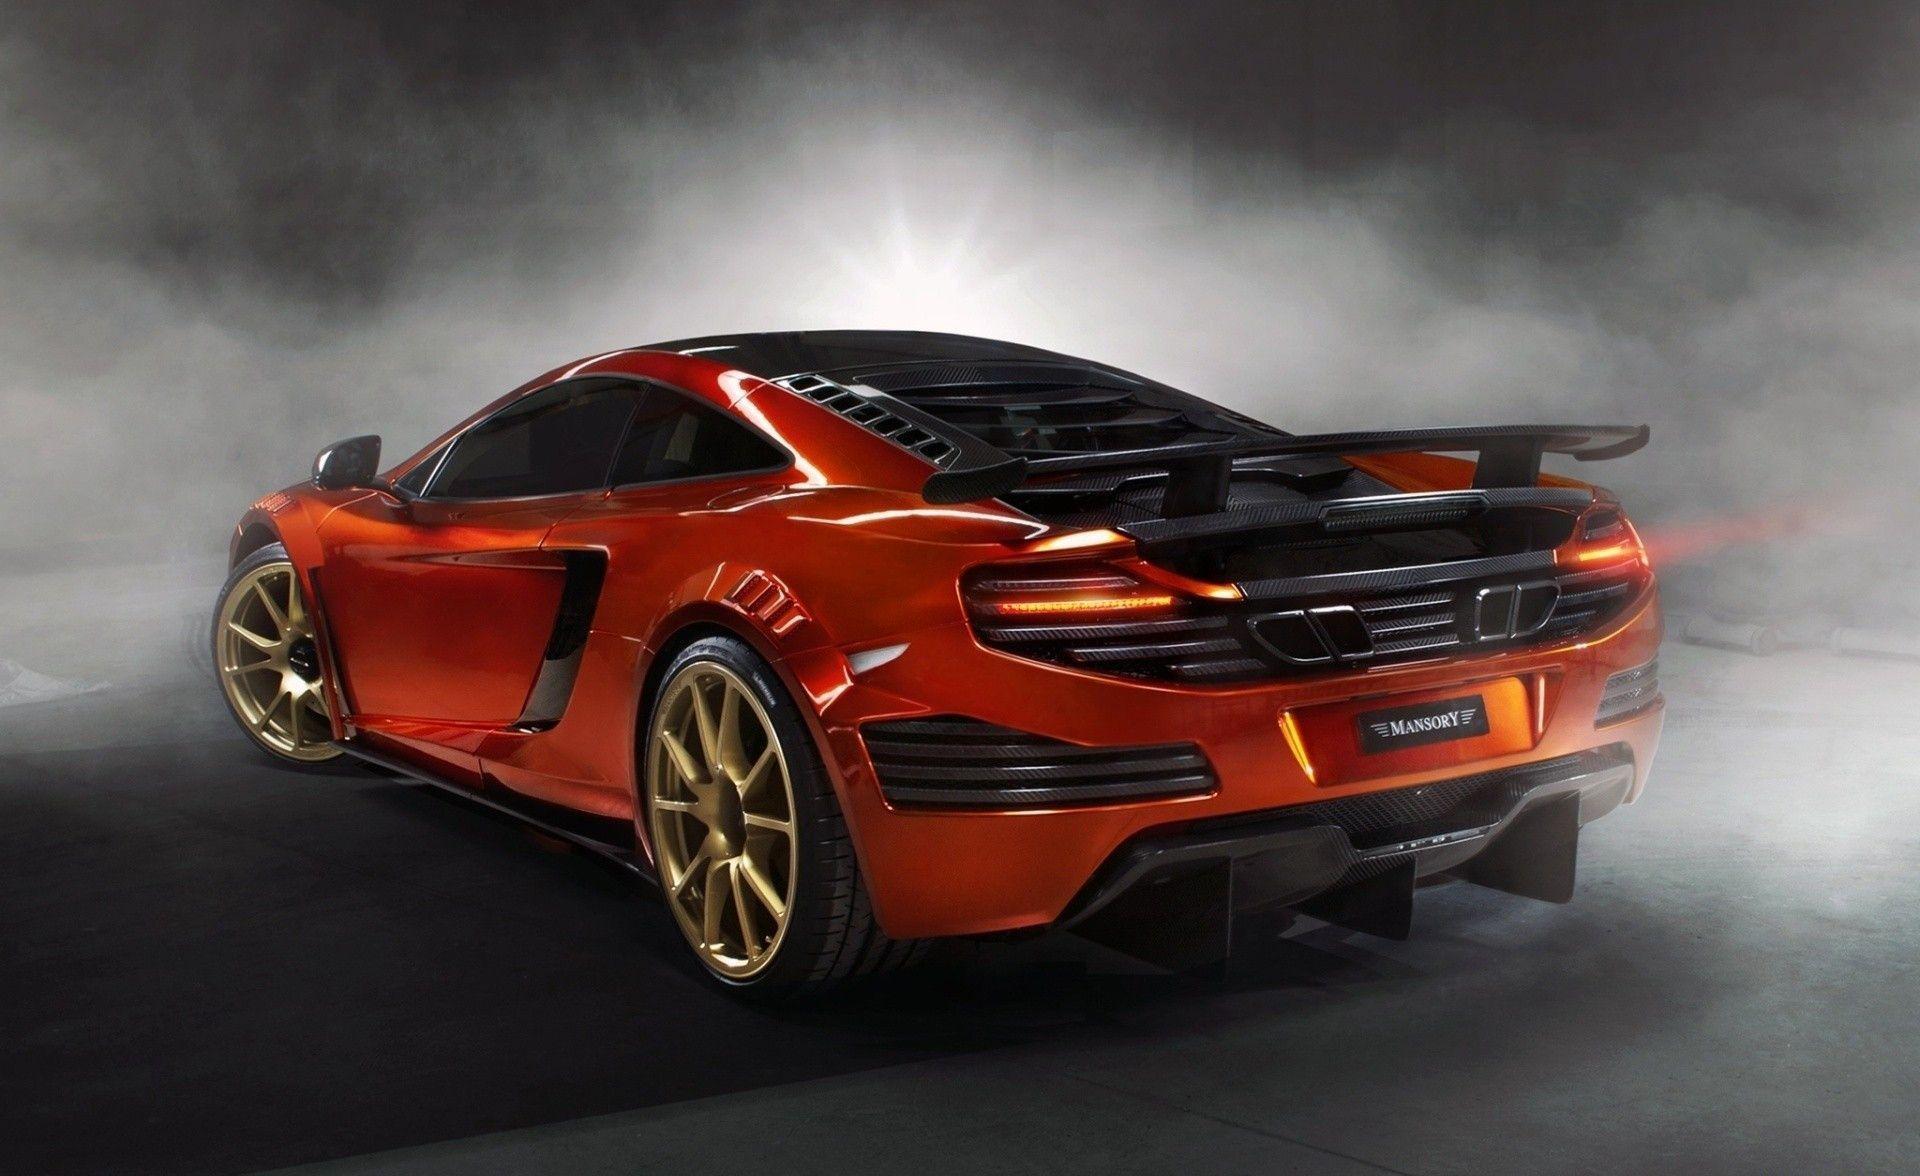 McLaren Zoom Background 6